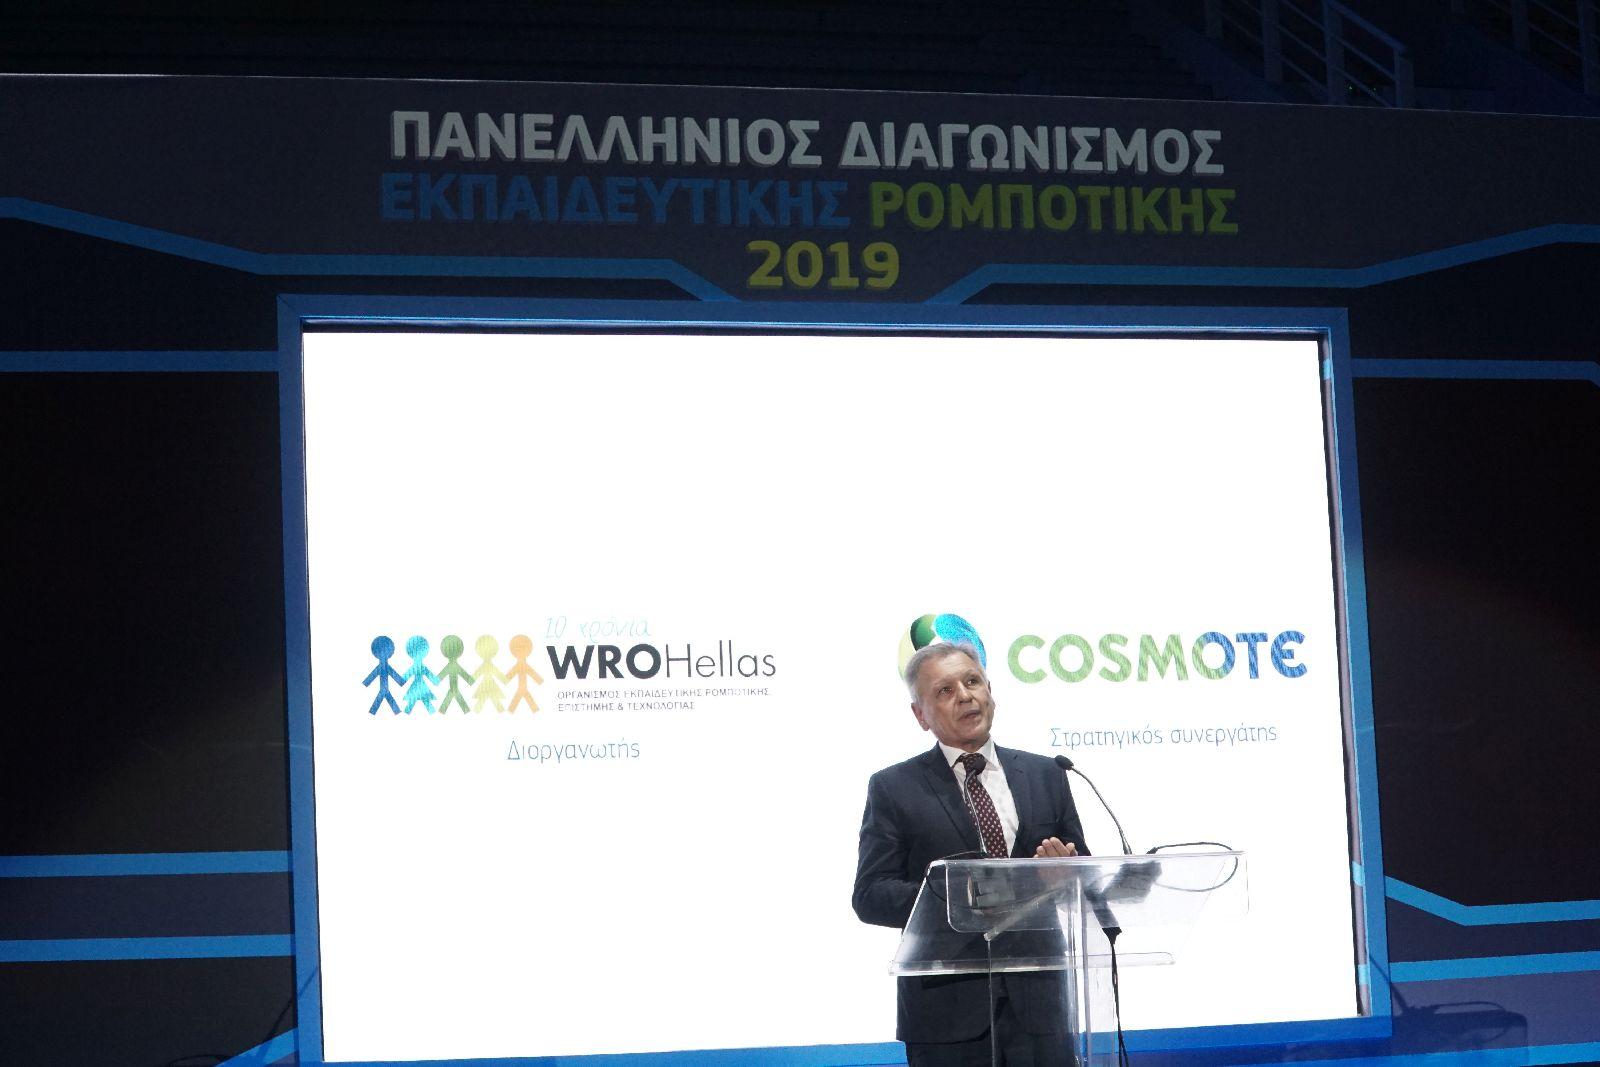 Εναρκτήρια ομιλία του Προέδρου του WRO Hellas κύριου Ιωάννη Σομαλακίδη